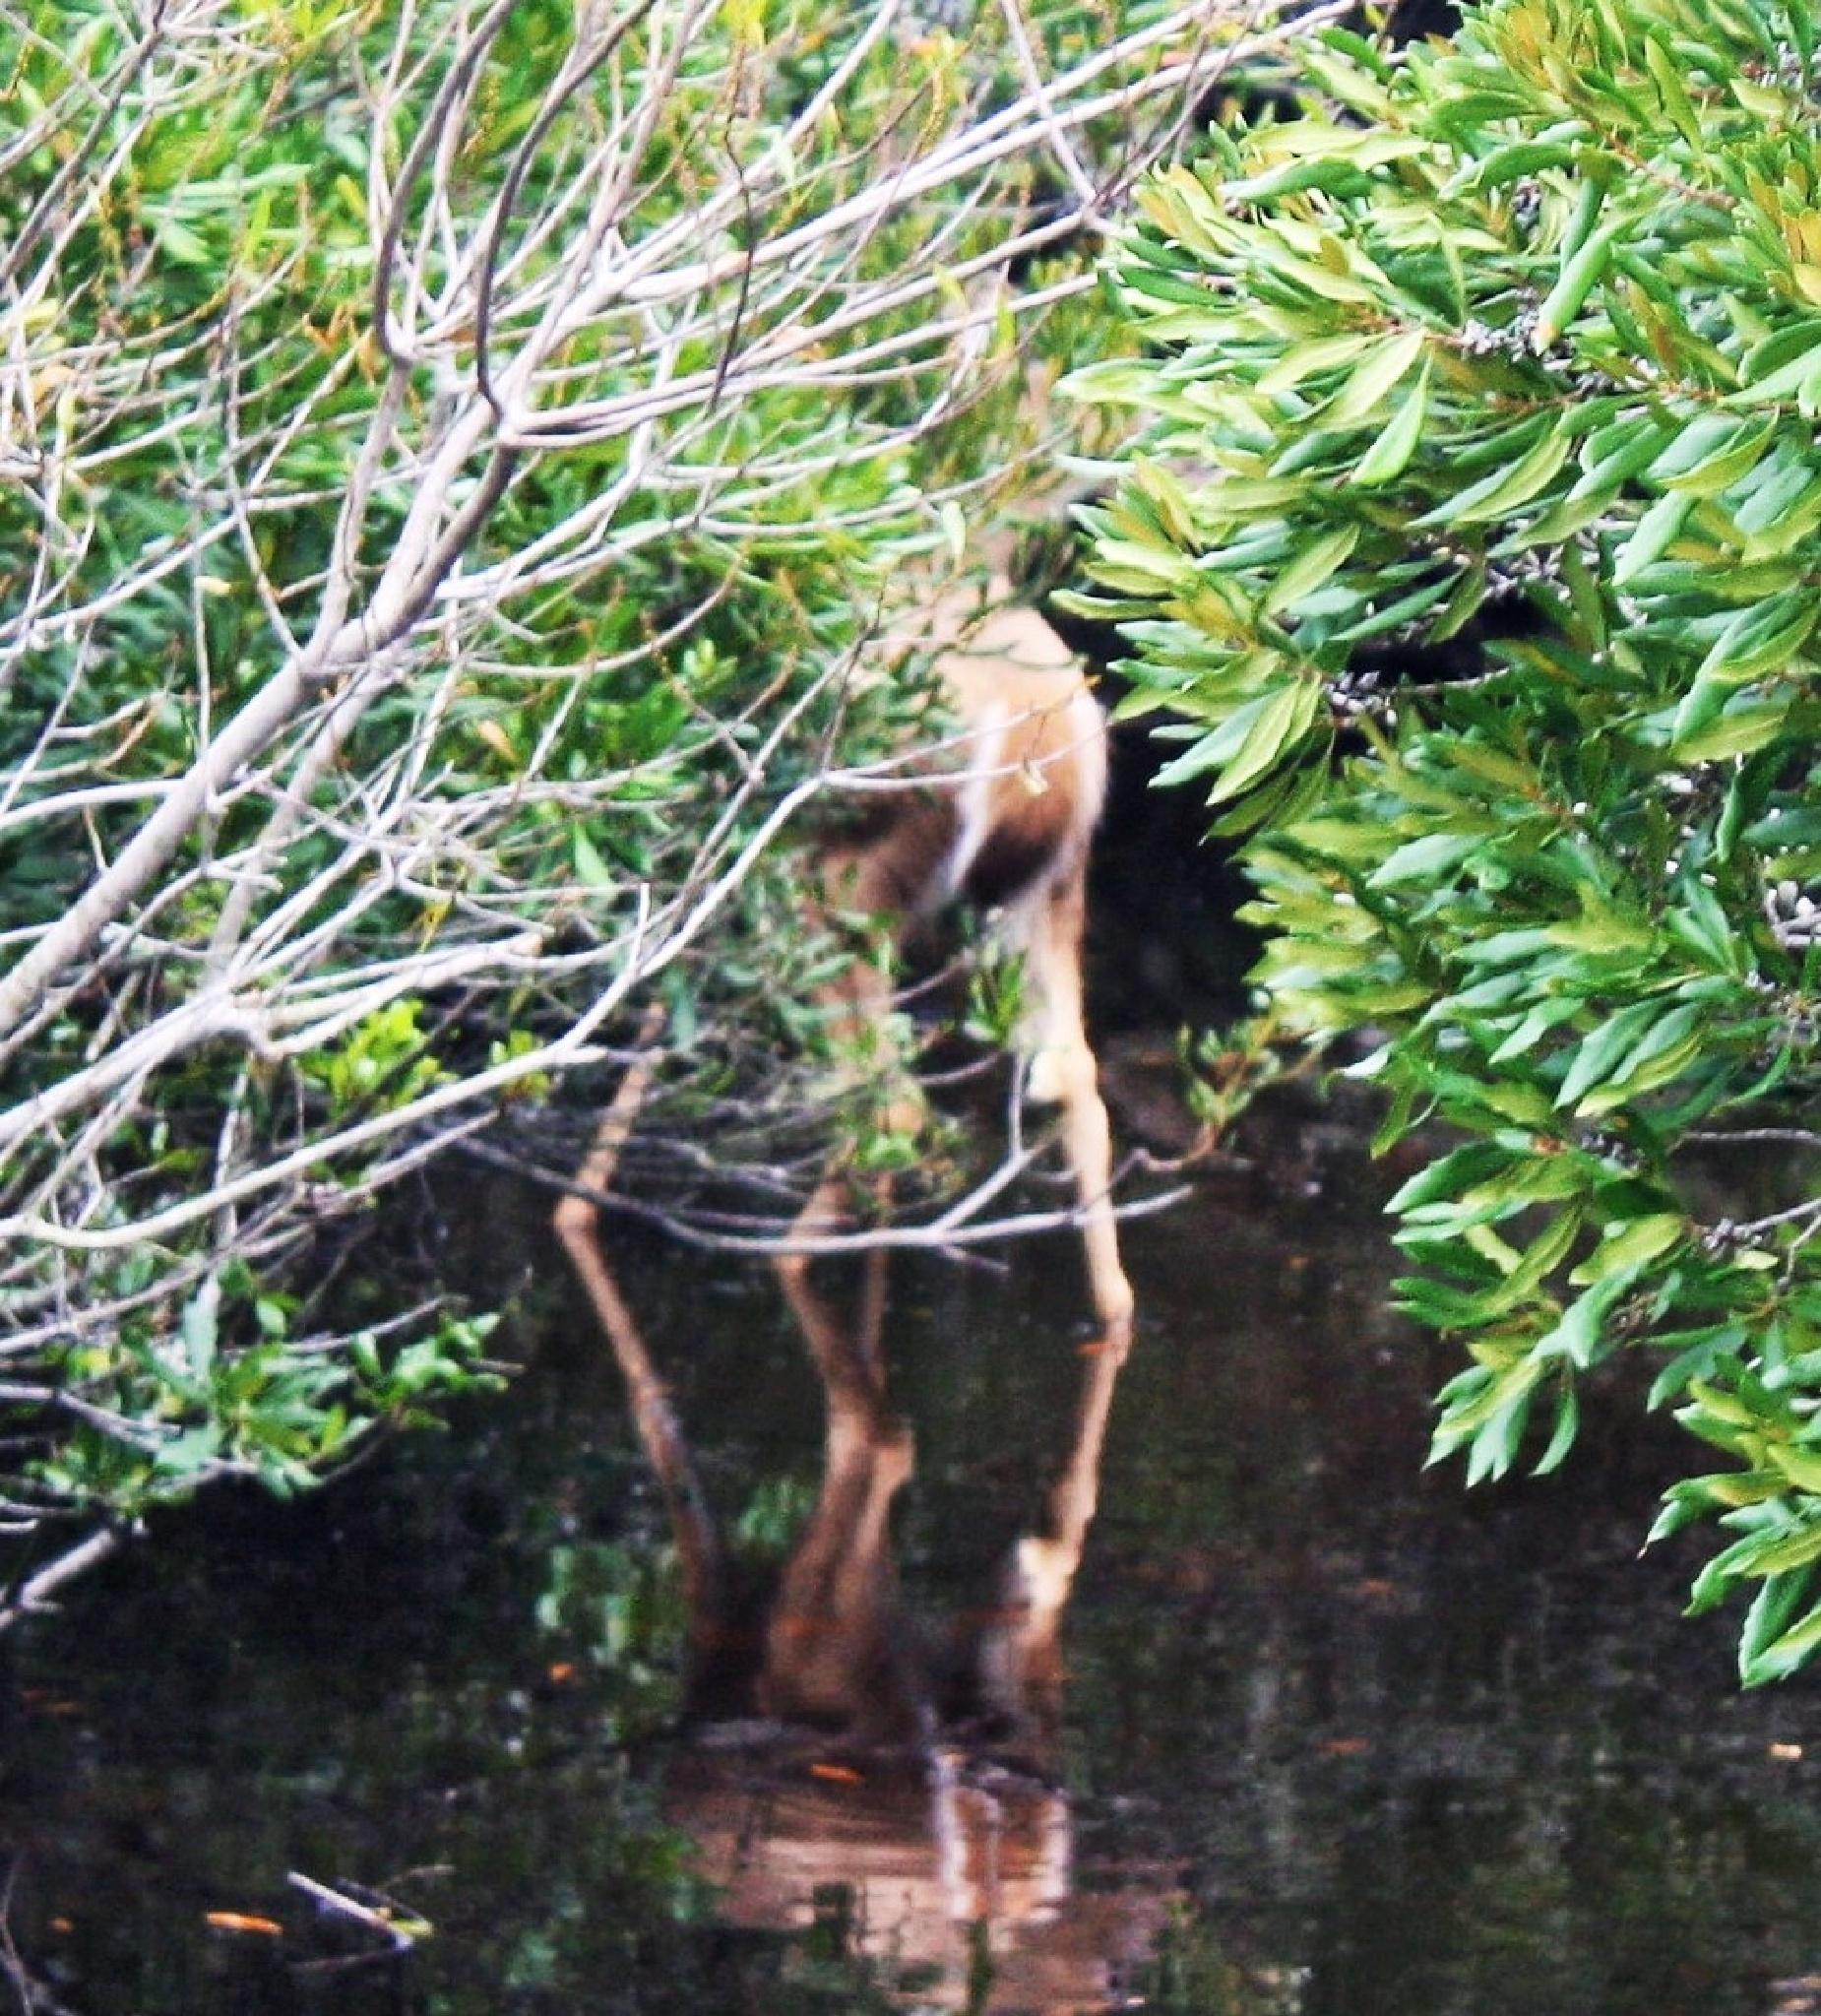 Swamp Deer by joann.kunkle